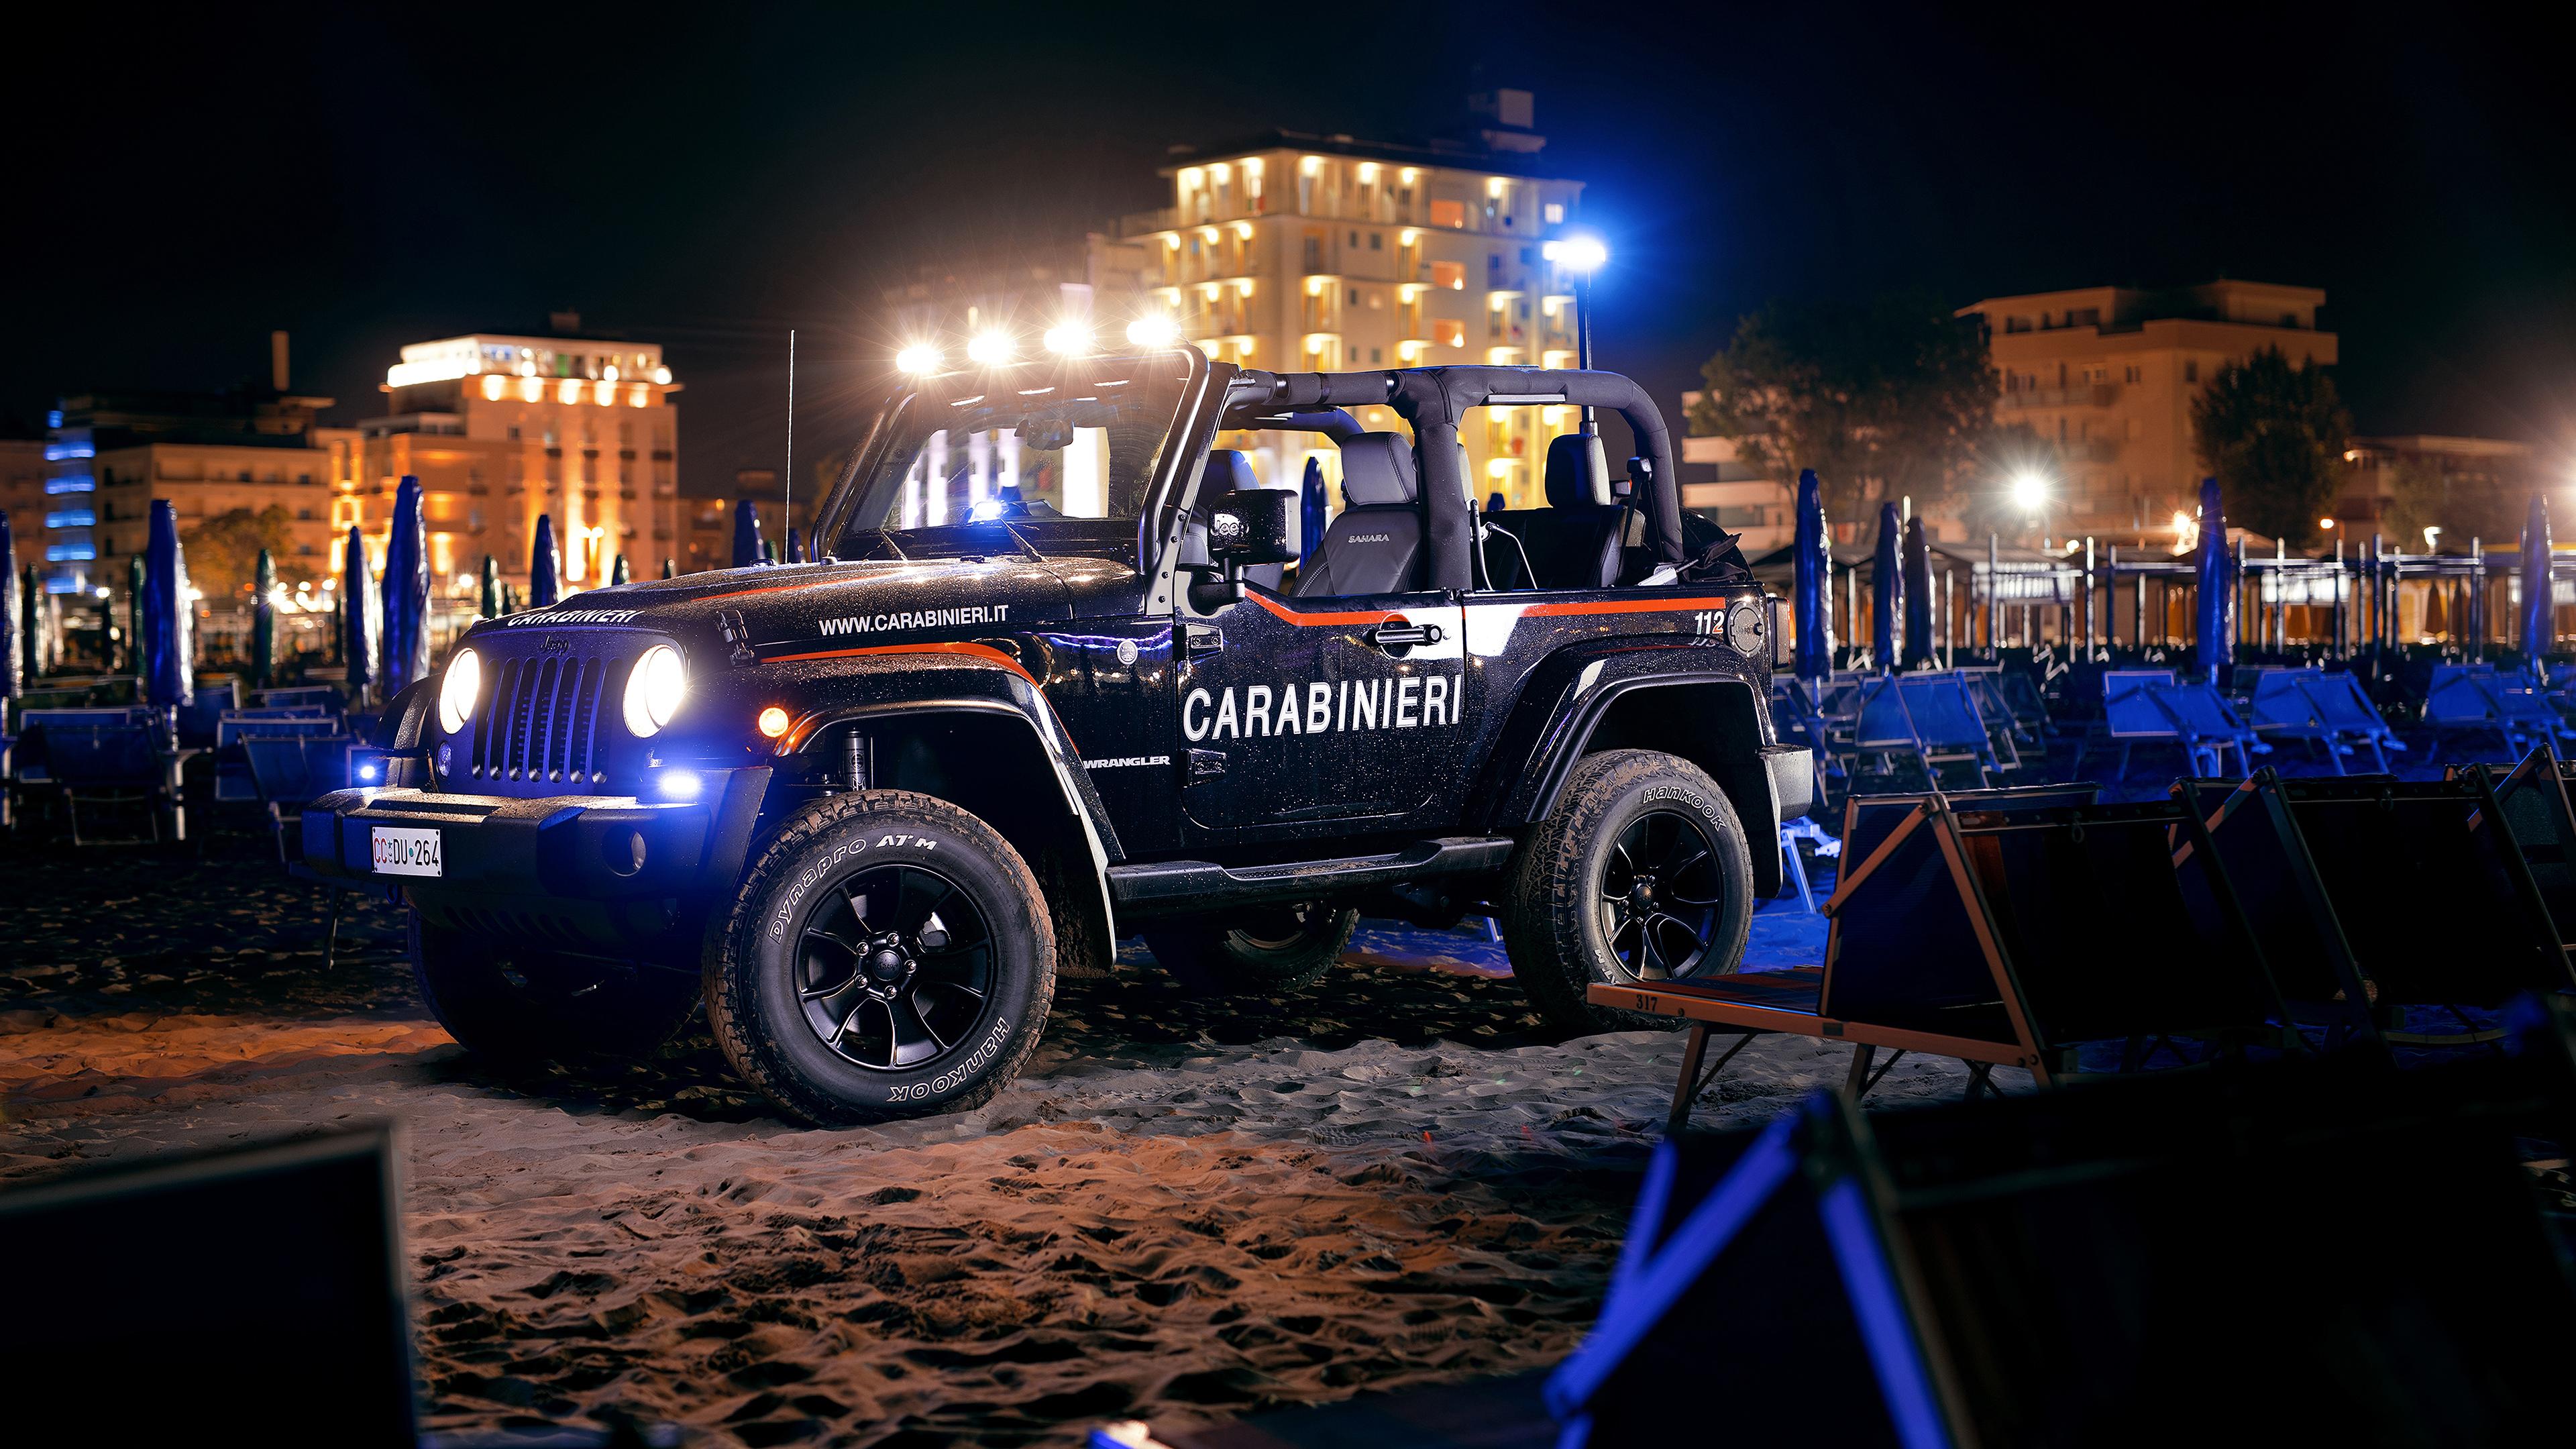 jeep wrangler carabinieri 1569189749 - Jeep Wrangler Carabinieri - jeep wallpapers, hd-wallpapers, cars wallpapers, 4k-wallpapers